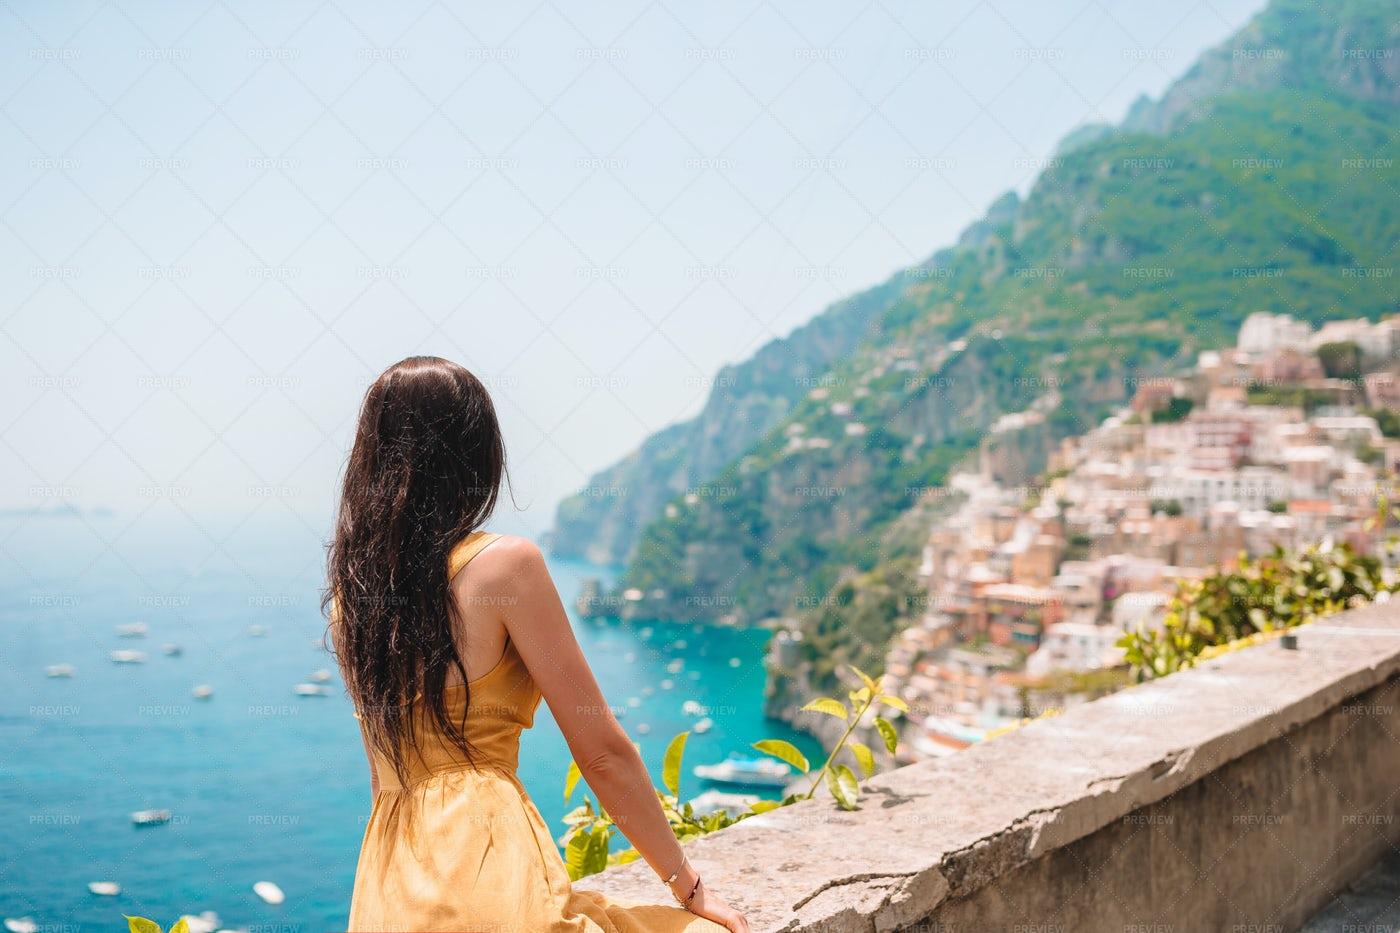 Overlooking The Italian Coast: Stock Photos